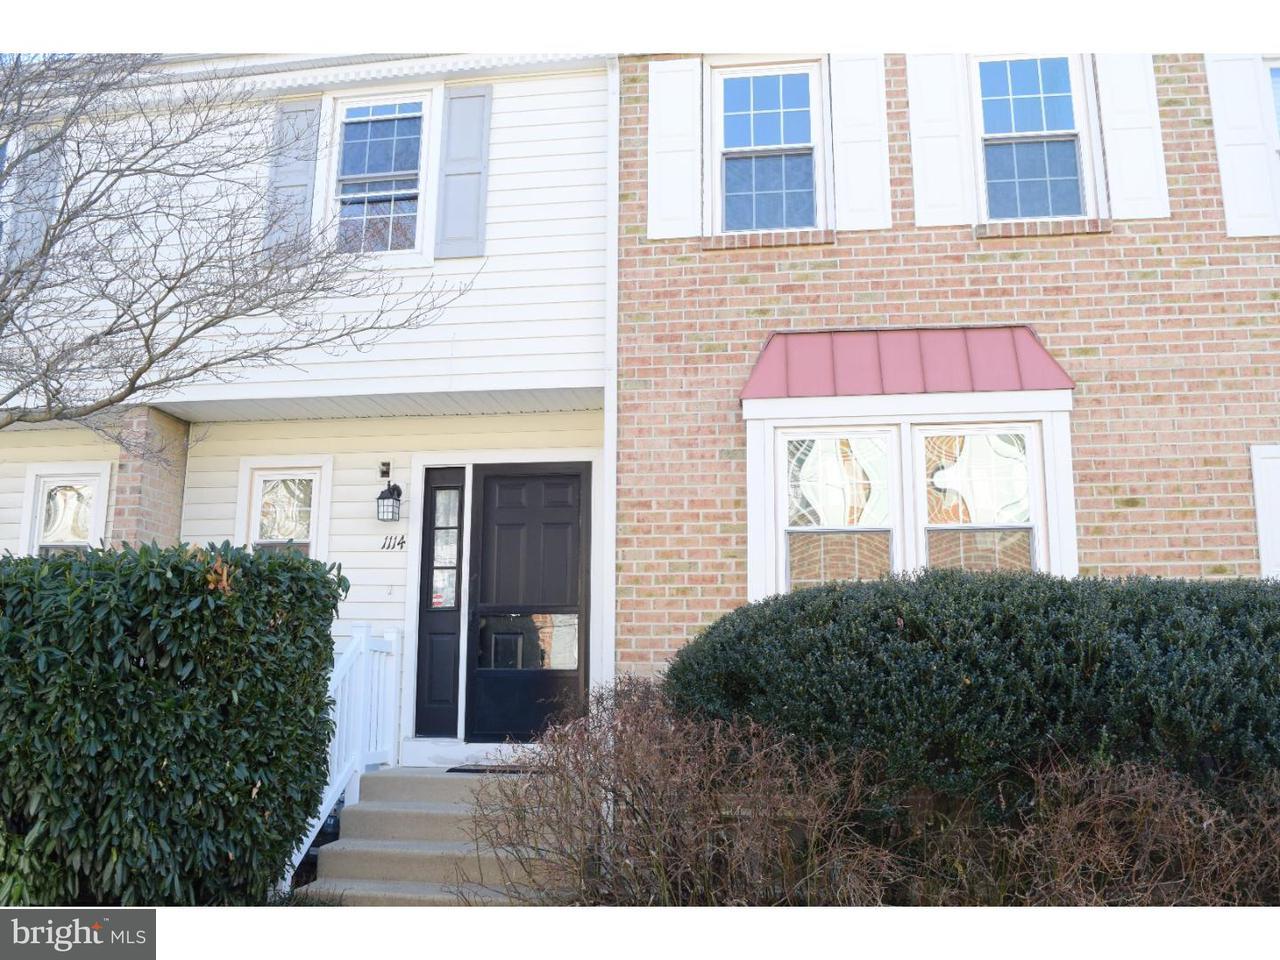 联栋屋 为 出租 在 1114 SOCIETY HL Cherry Hill, 新泽西州 08003 美国